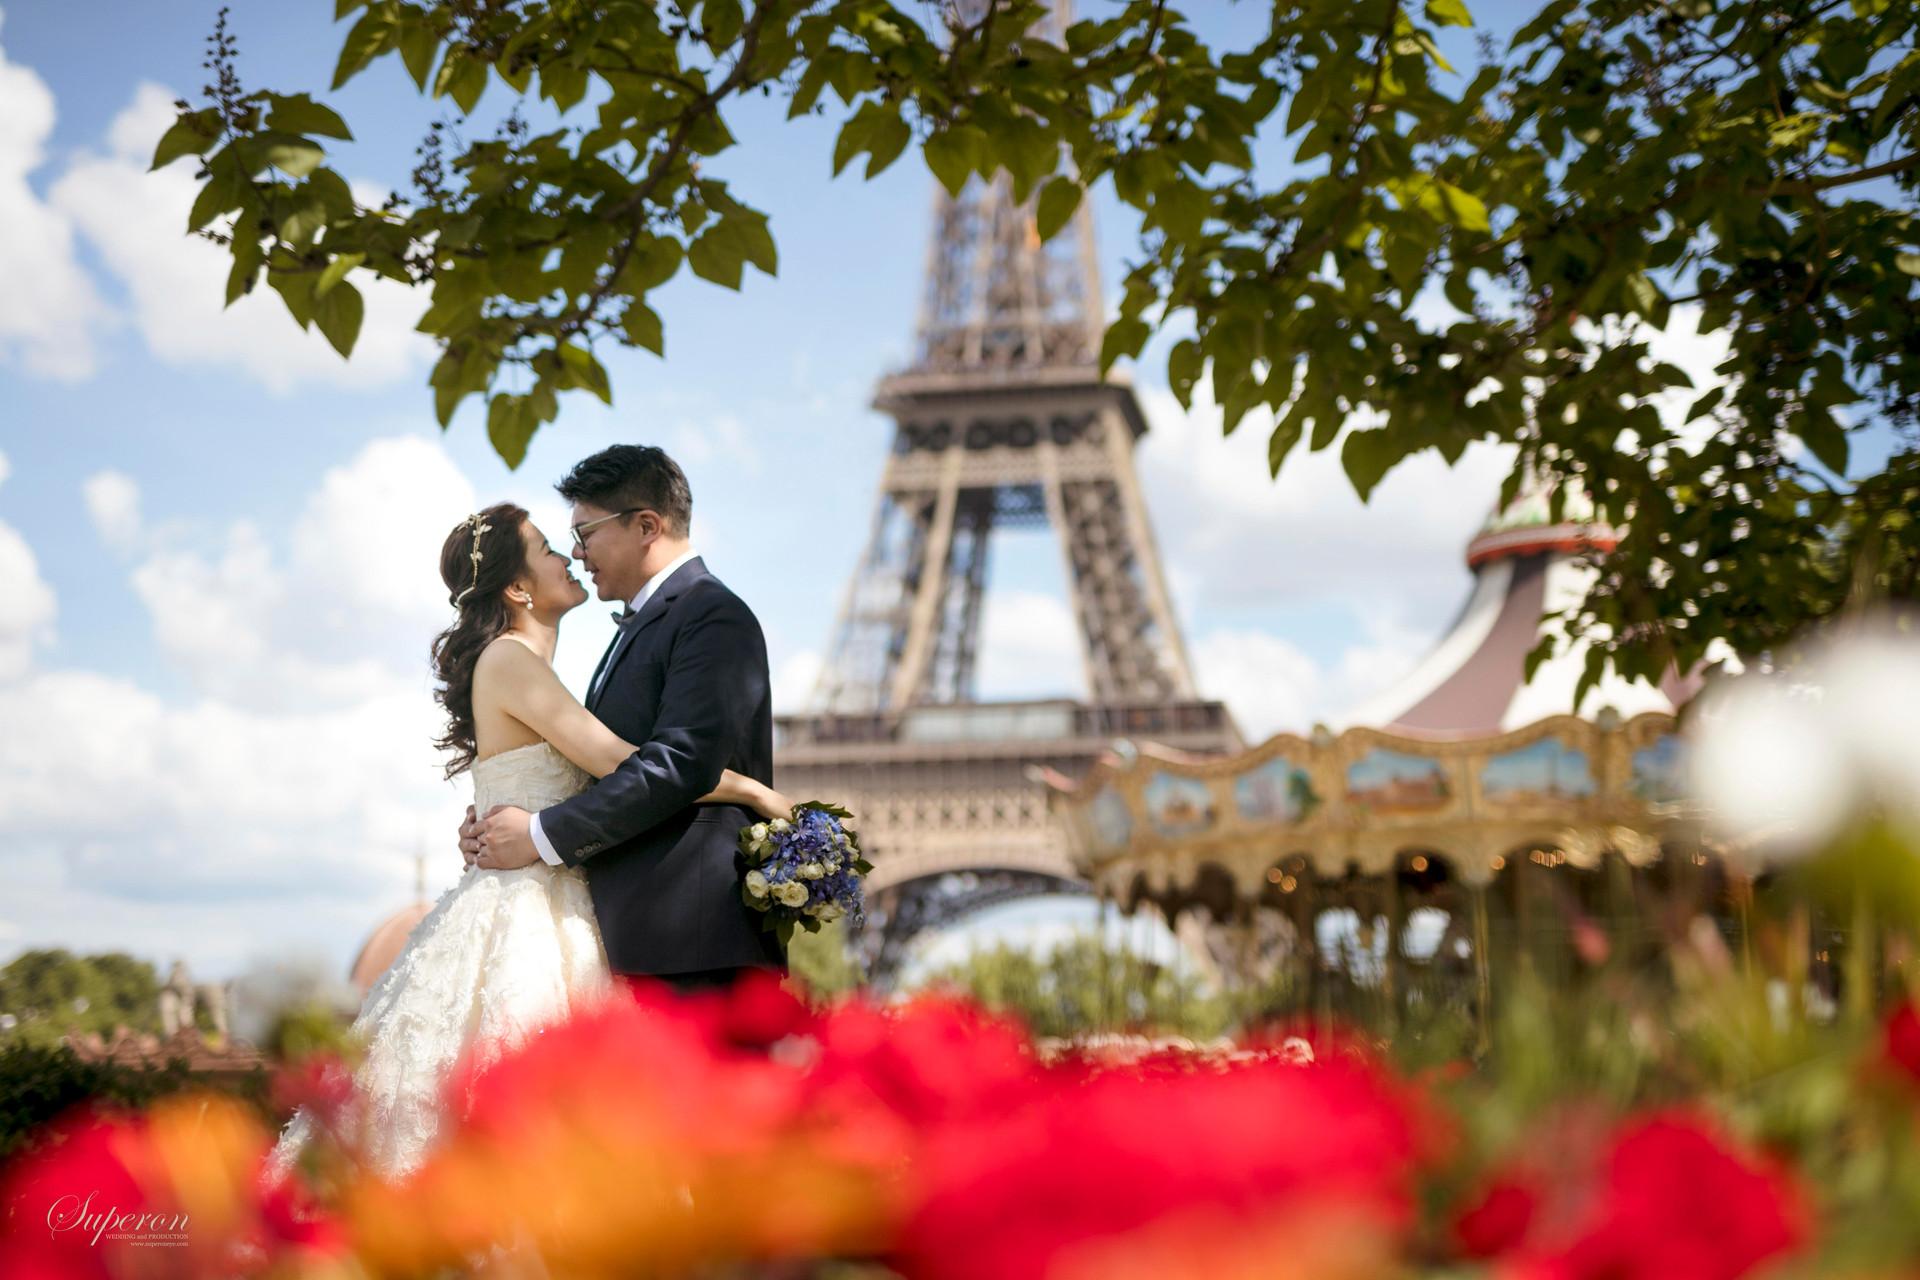 法國巴黎婚紗攝影  海外婚紗攝影 巴黎婚紗照 巴黎當地婚紗攝影師 - paris prewedding -Superoneye Photographyy